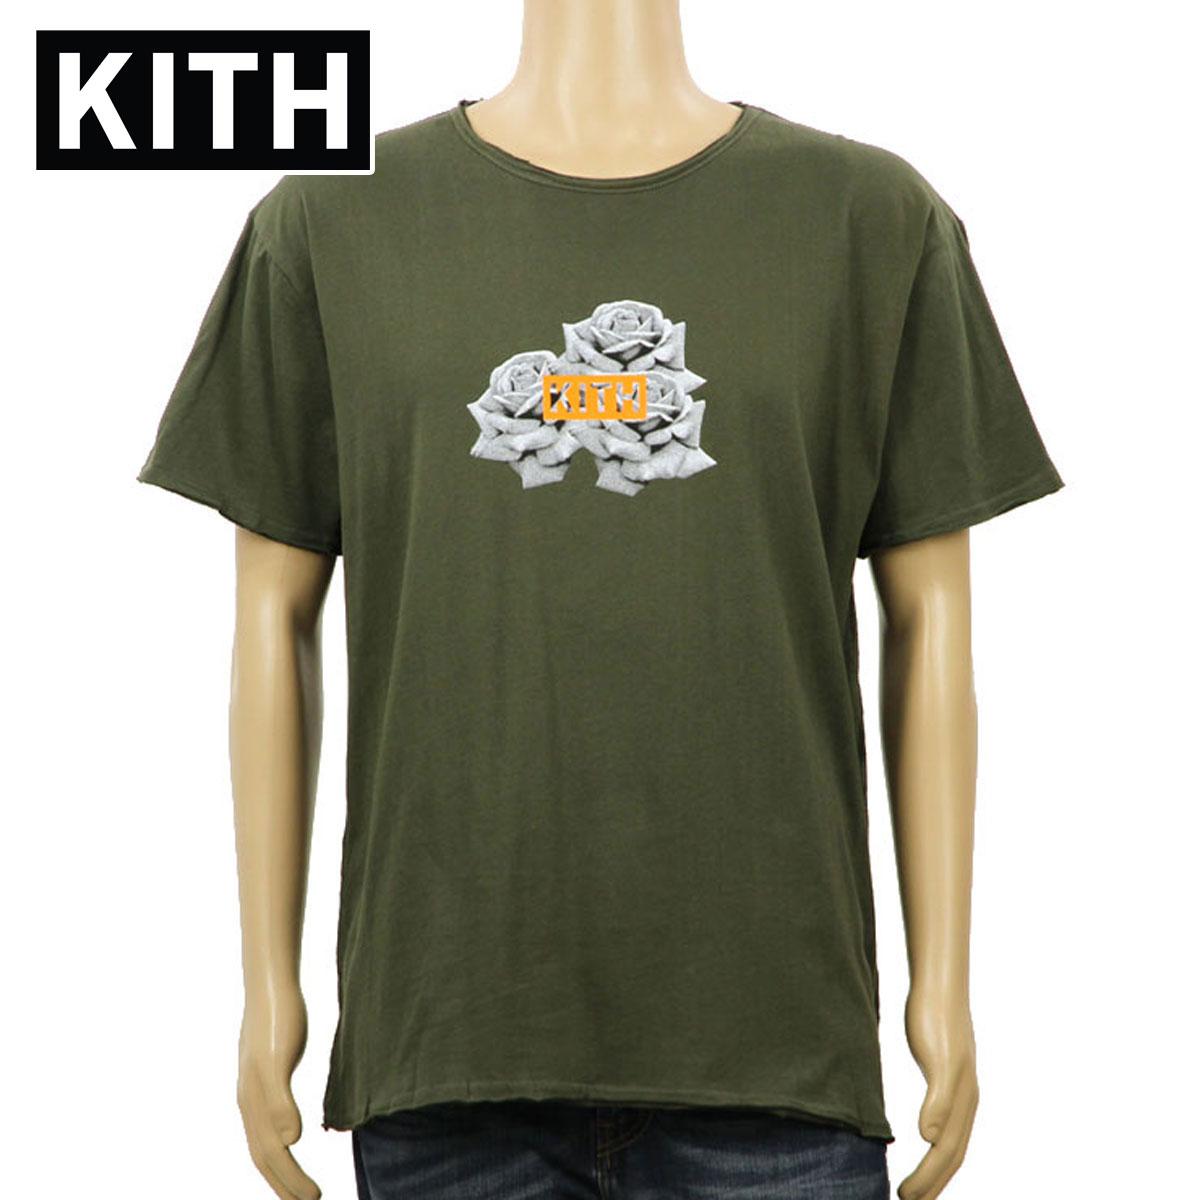 キス KITH 正規品 メンズ 半袖Tシャツ KITH CLASSICS 3 ROSES FRAY TEE OLIVE KH3086-106 D00S15